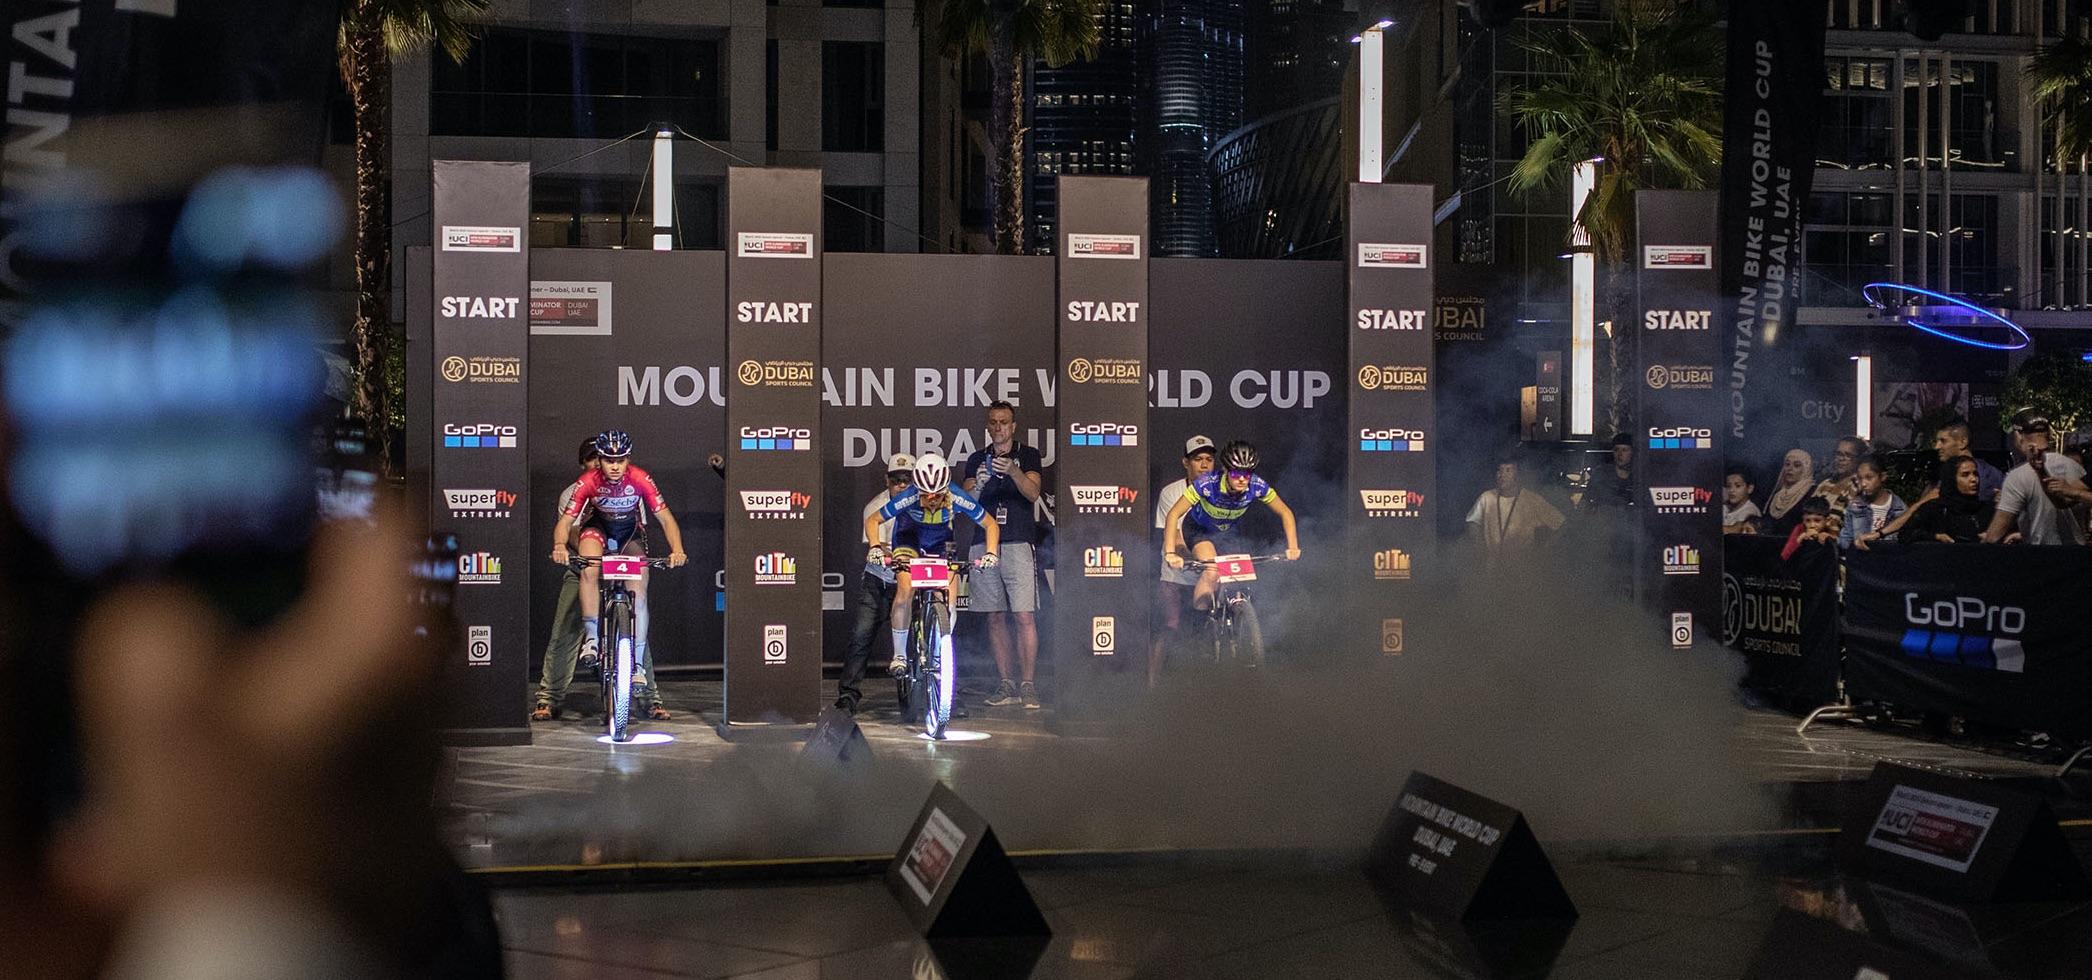 Wereldbeker Eliminator start in Dubai op 6 maart